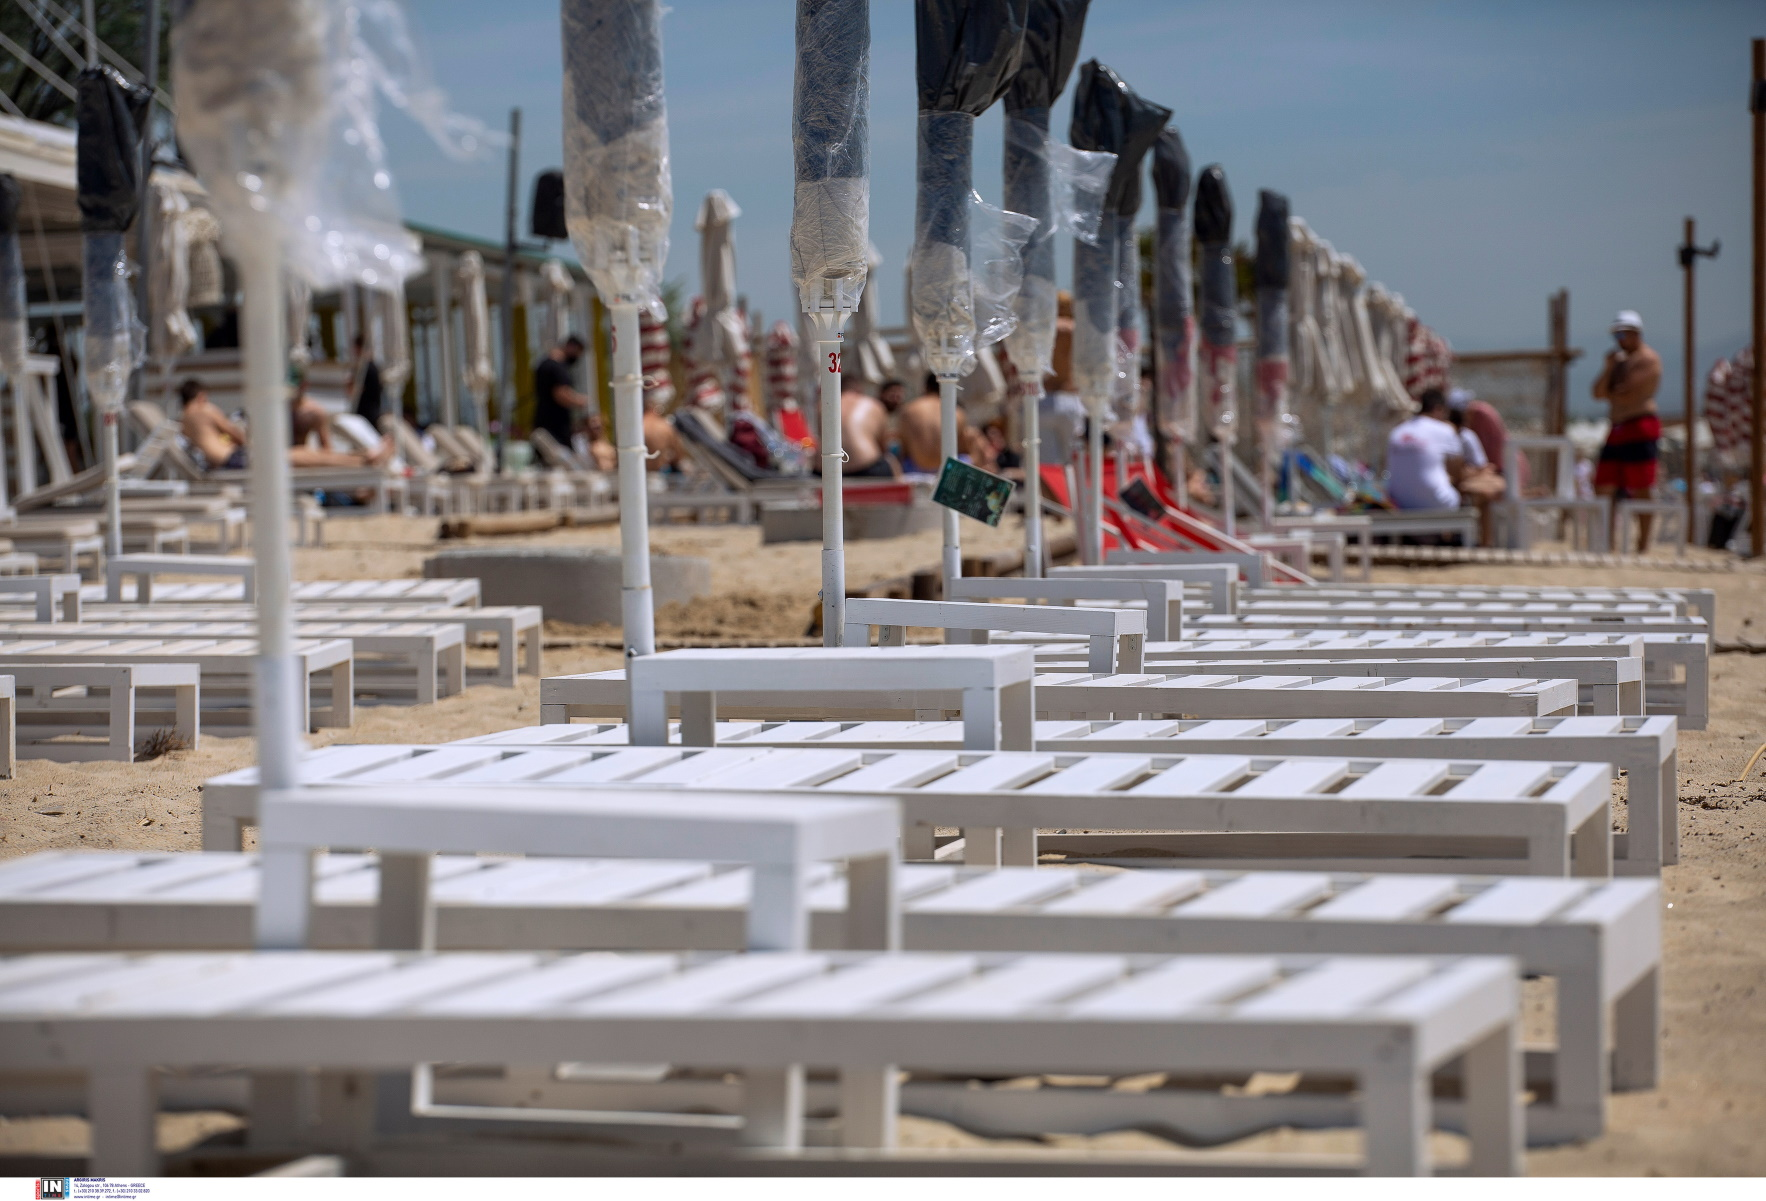 Κρήτη: 9.000 ευρώ πρόστιμα σε beach bar, εστιατόριο και καφενείο